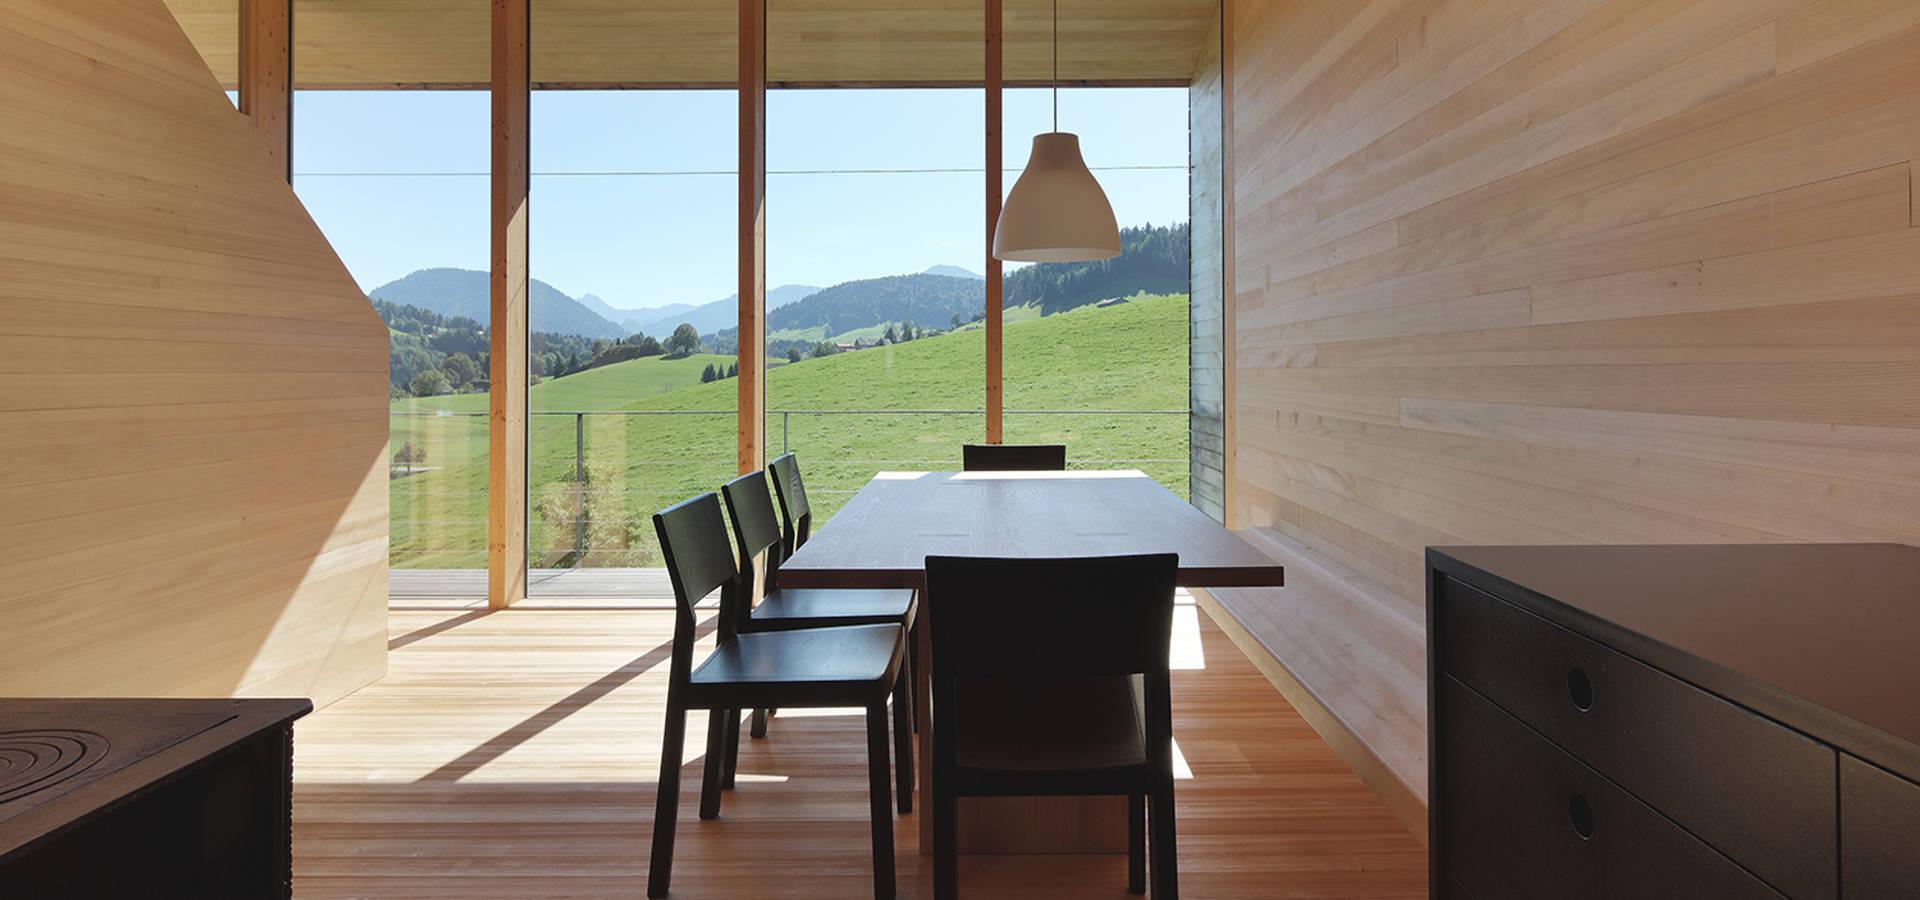 yonder architektur und design bienenhus ferienhaus in vorarlberg homify. Black Bedroom Furniture Sets. Home Design Ideas